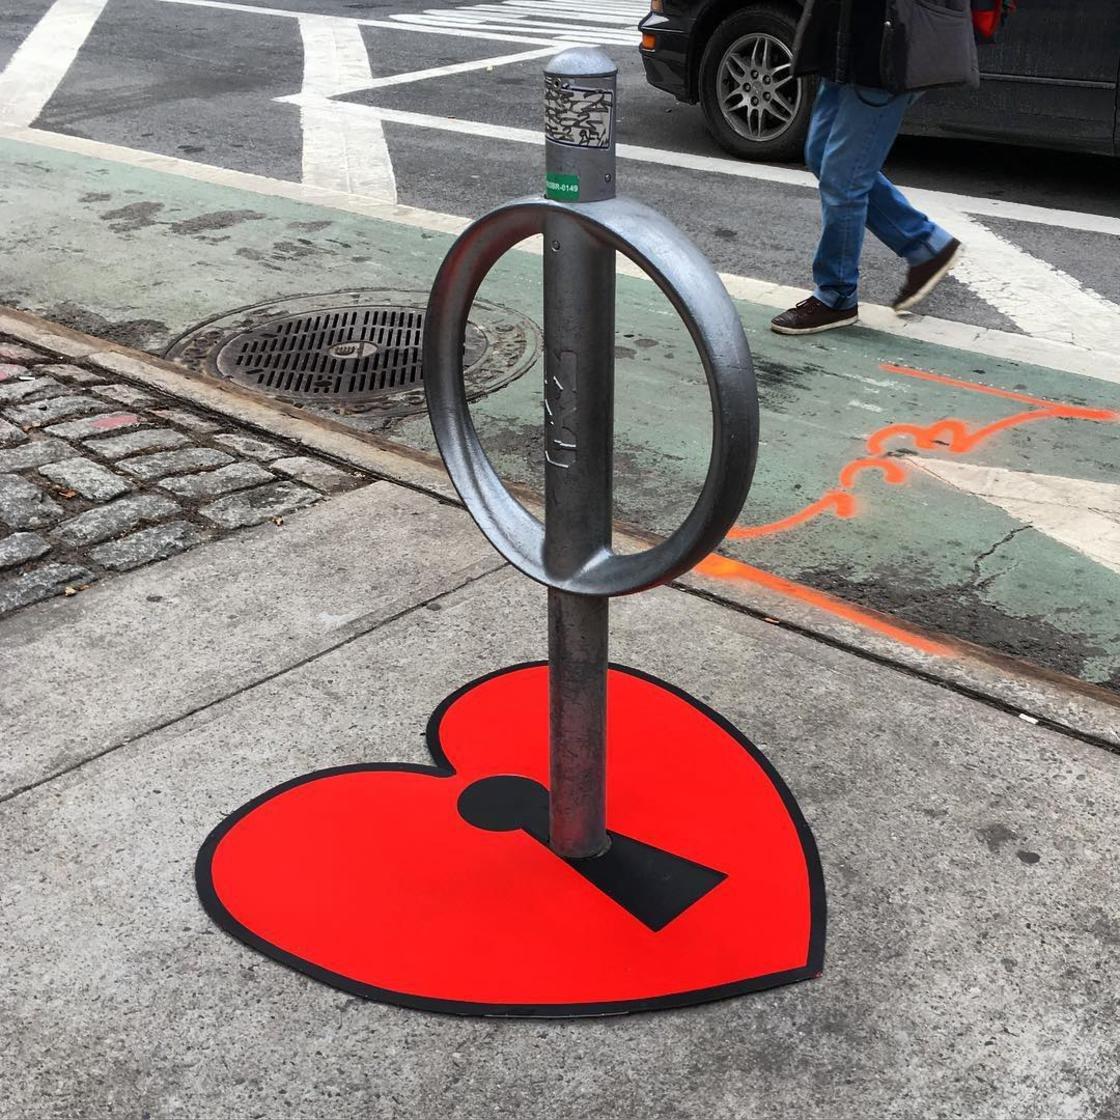 tom bob street art new york 11 1024x1024 - 뉴욕의 천재 '거리예술가' 손에 재탄생한 길거리 (사진 25장)